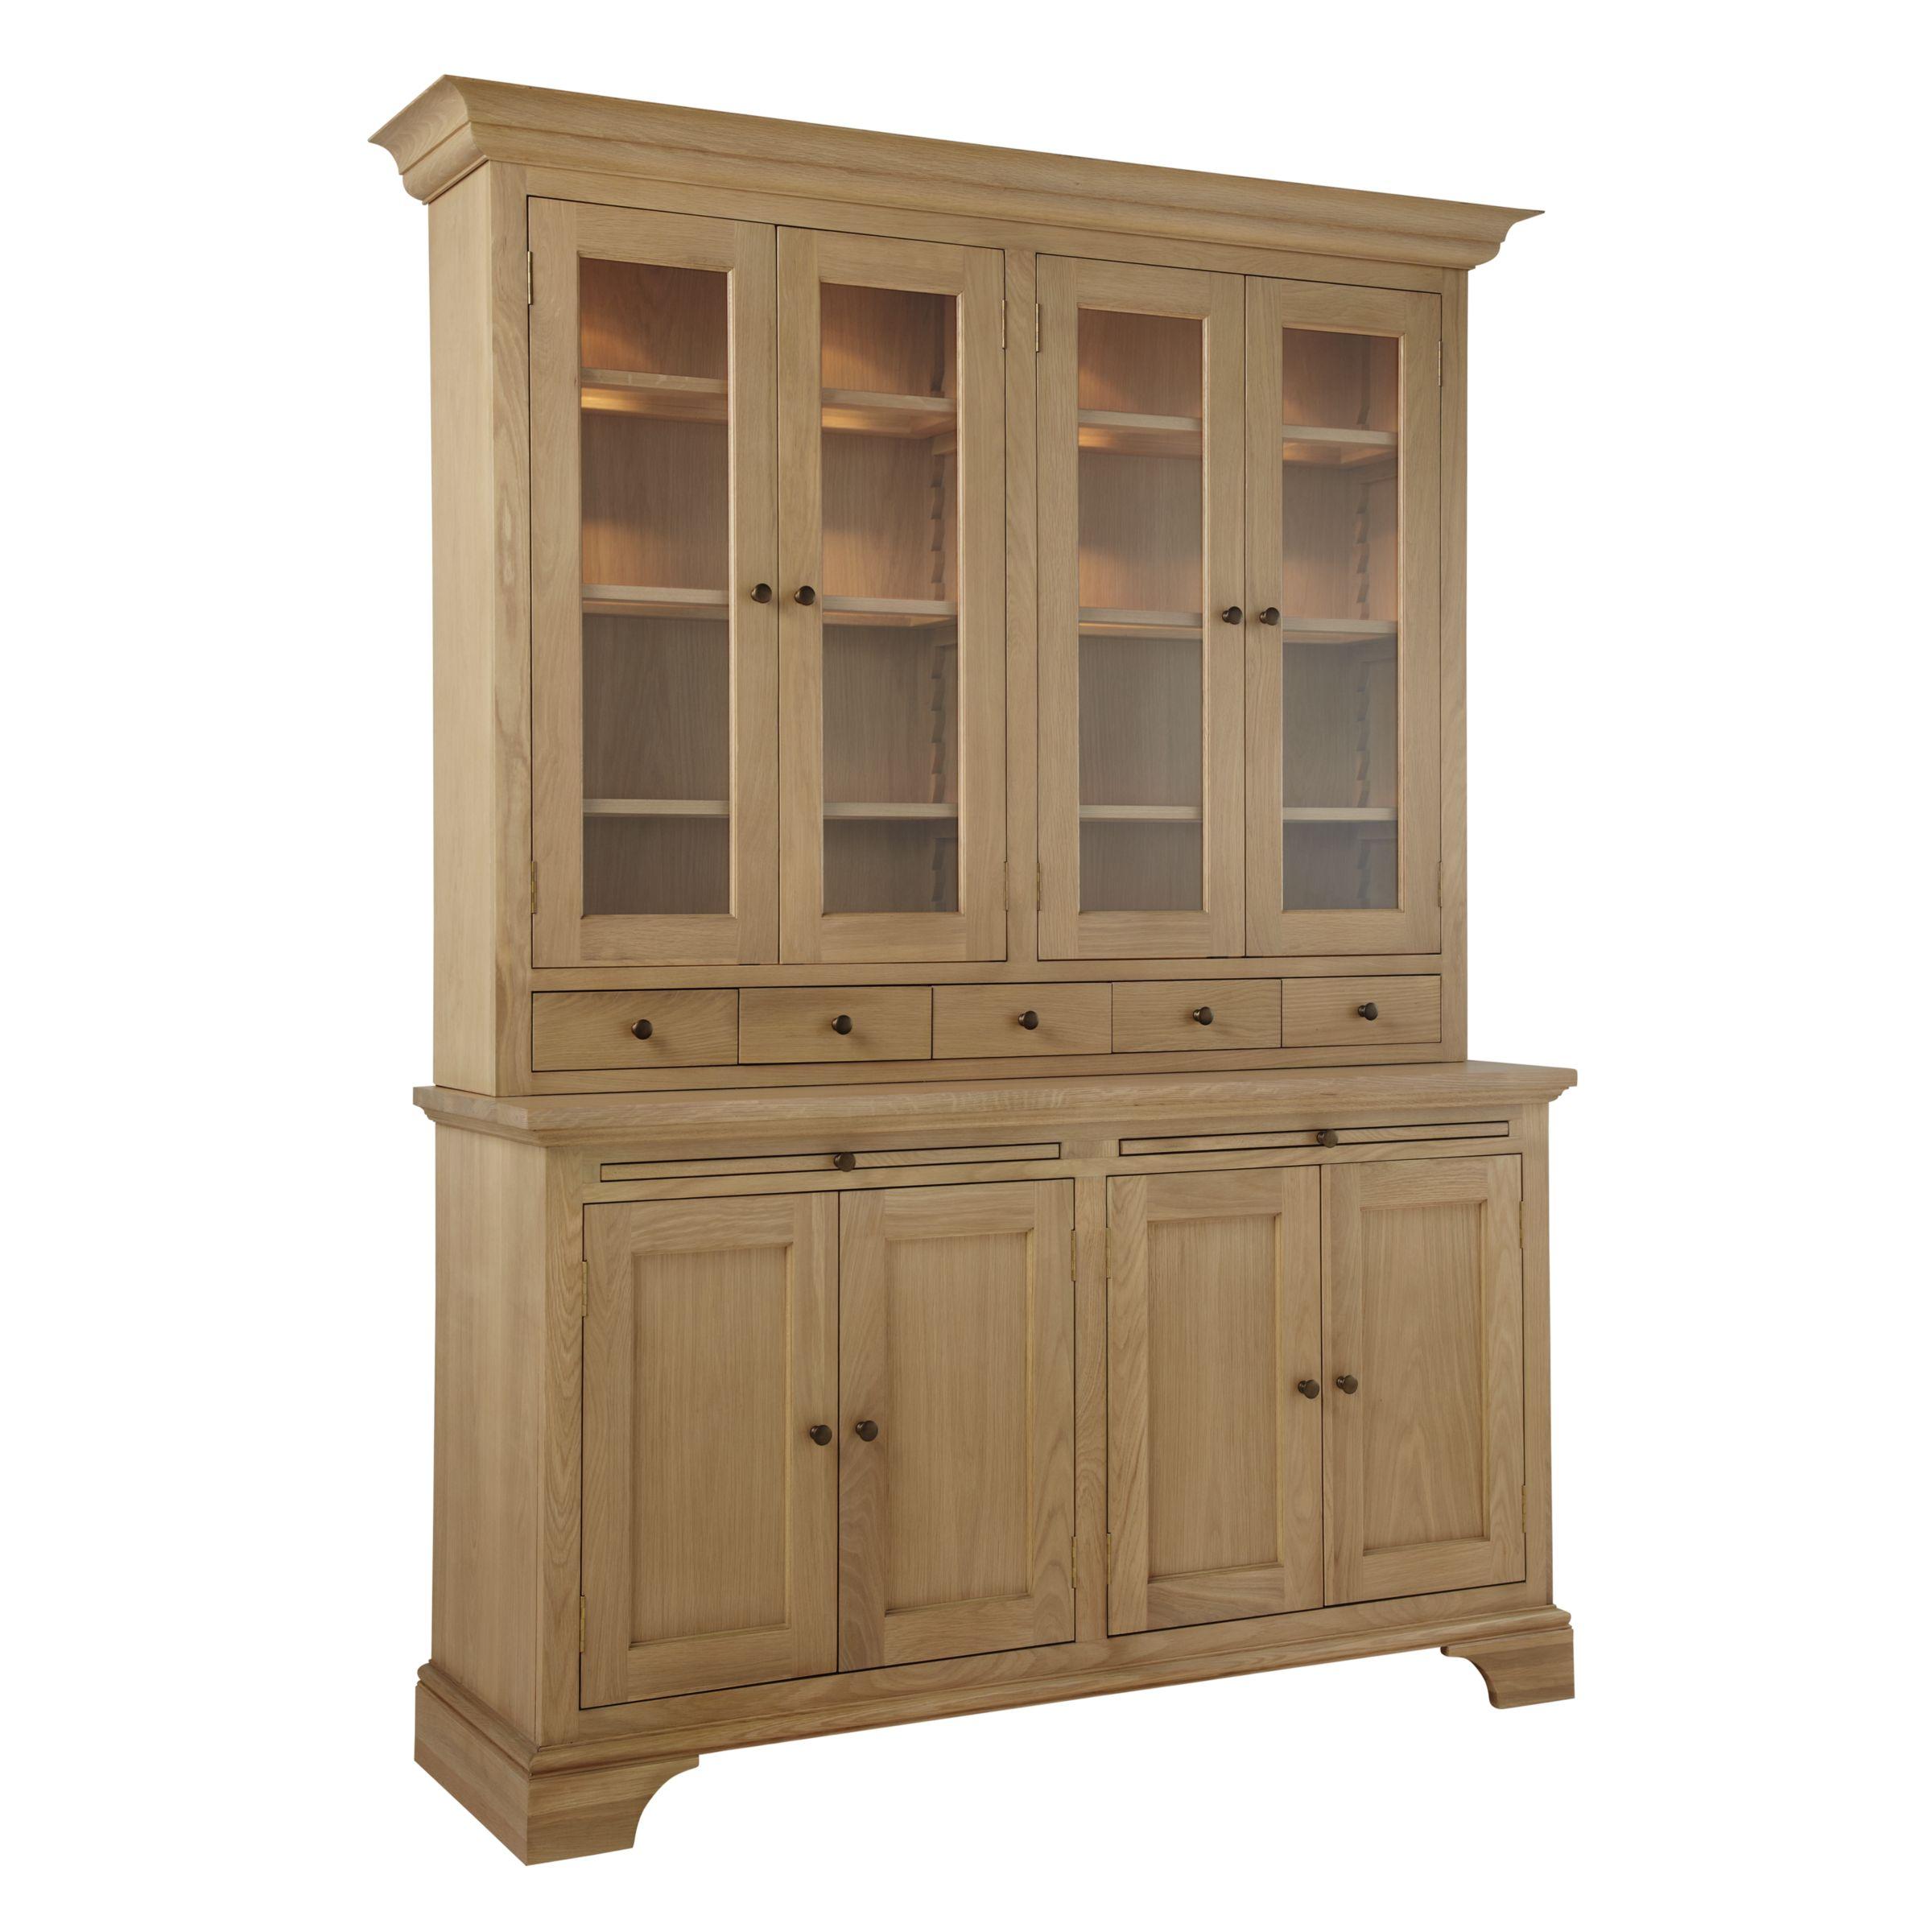 Buy Neptune Henley 5ft Glazed Rack Oak Dresser Oak John Lewis